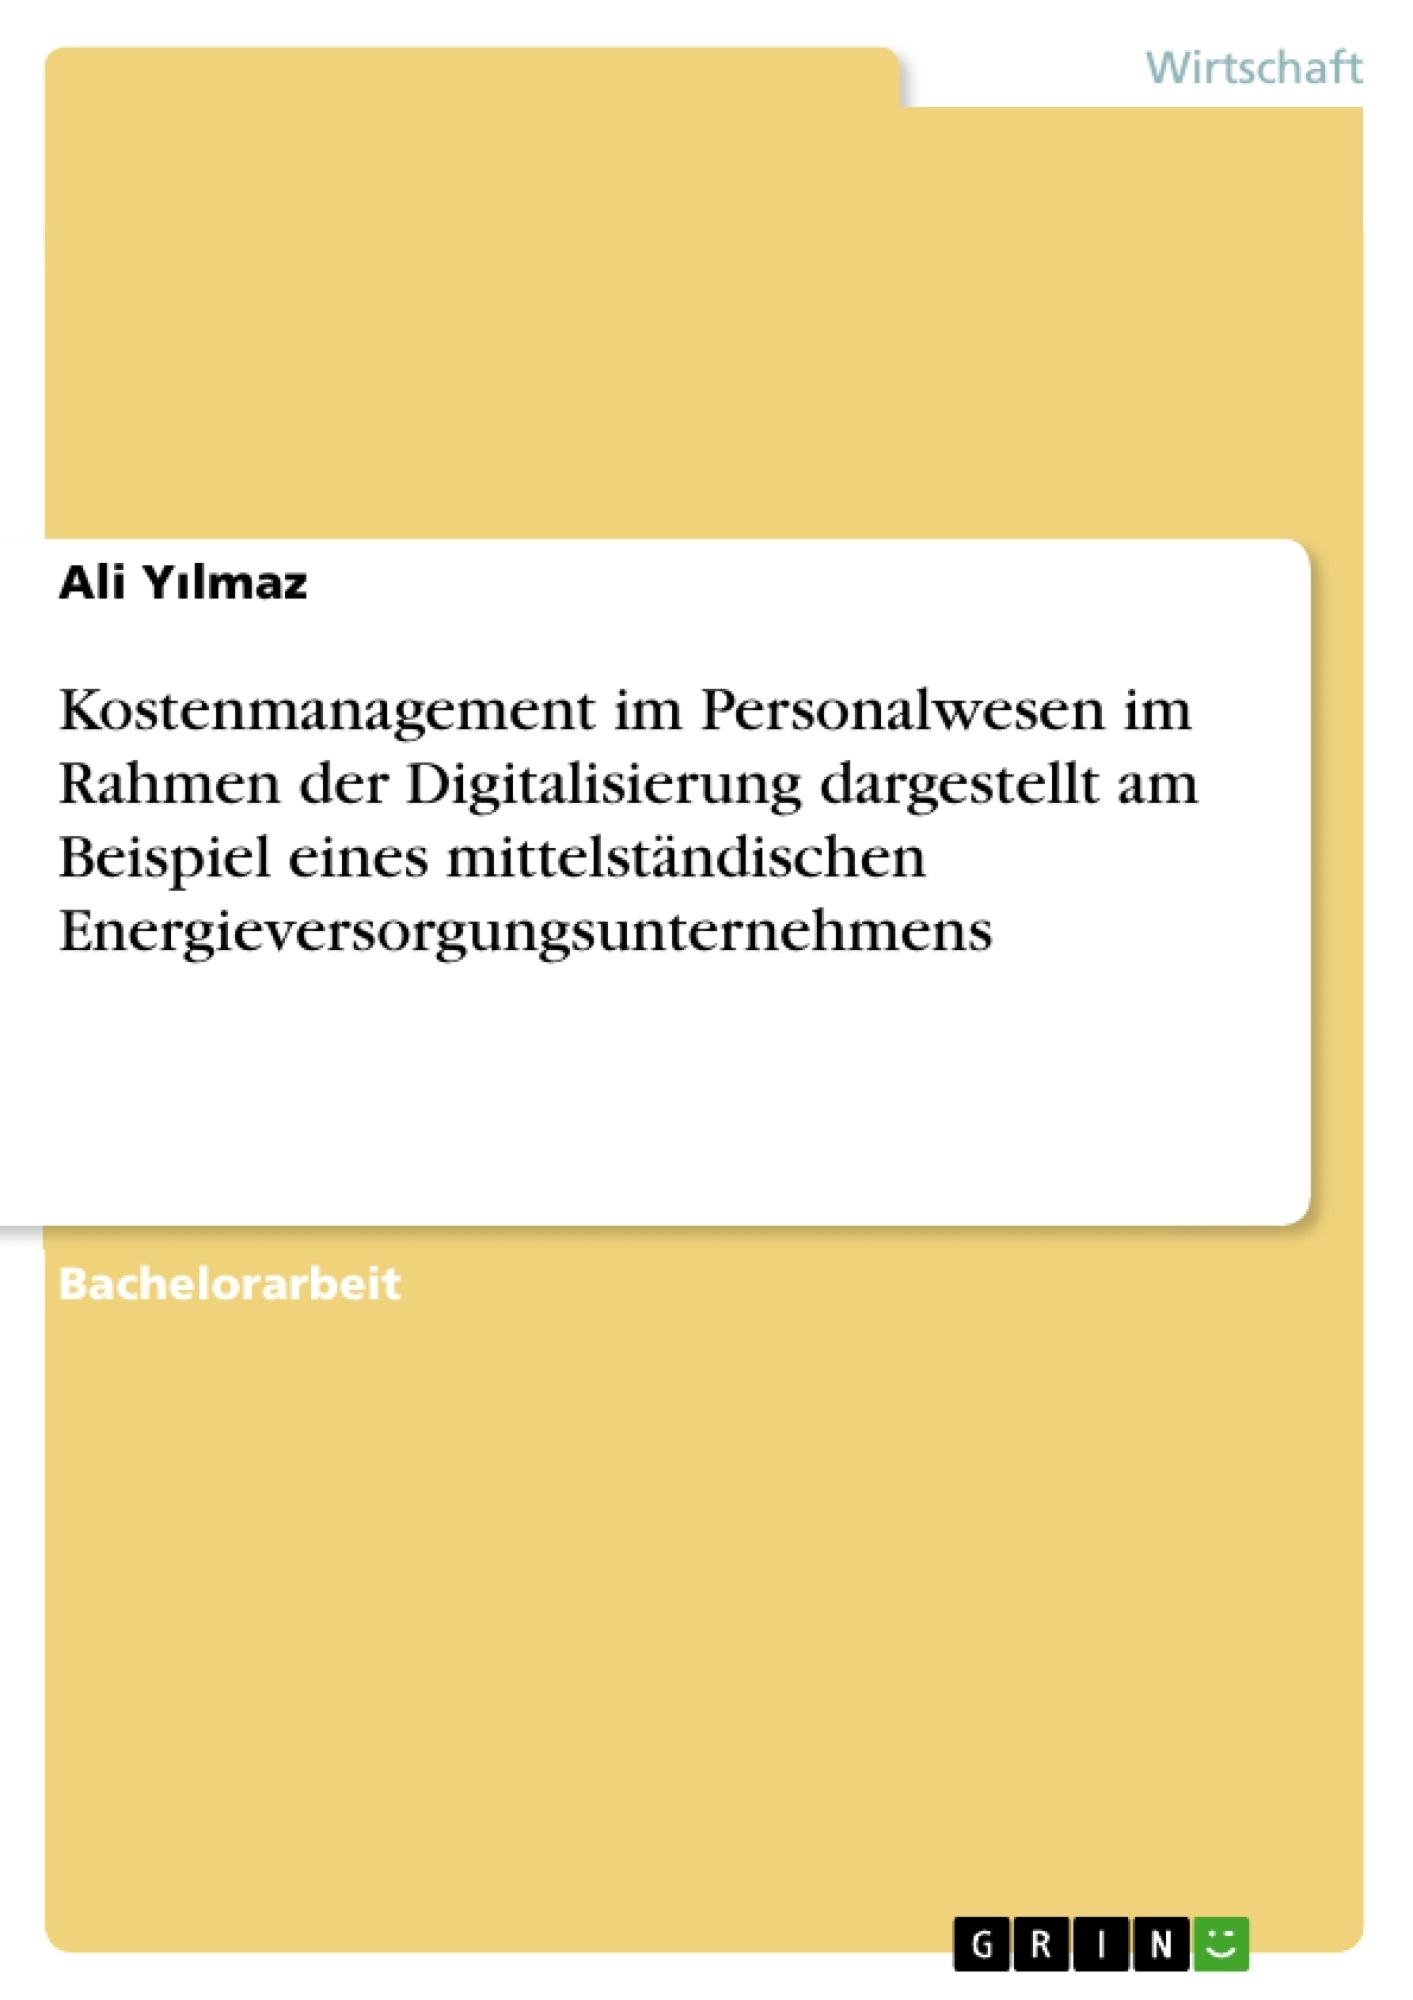 Titel: Kostenmanagement im Personalwesen im Rahmen der Digitalisierung dargestellt am Beispiel eines mittelständischen Energieversorgungsunternehmens